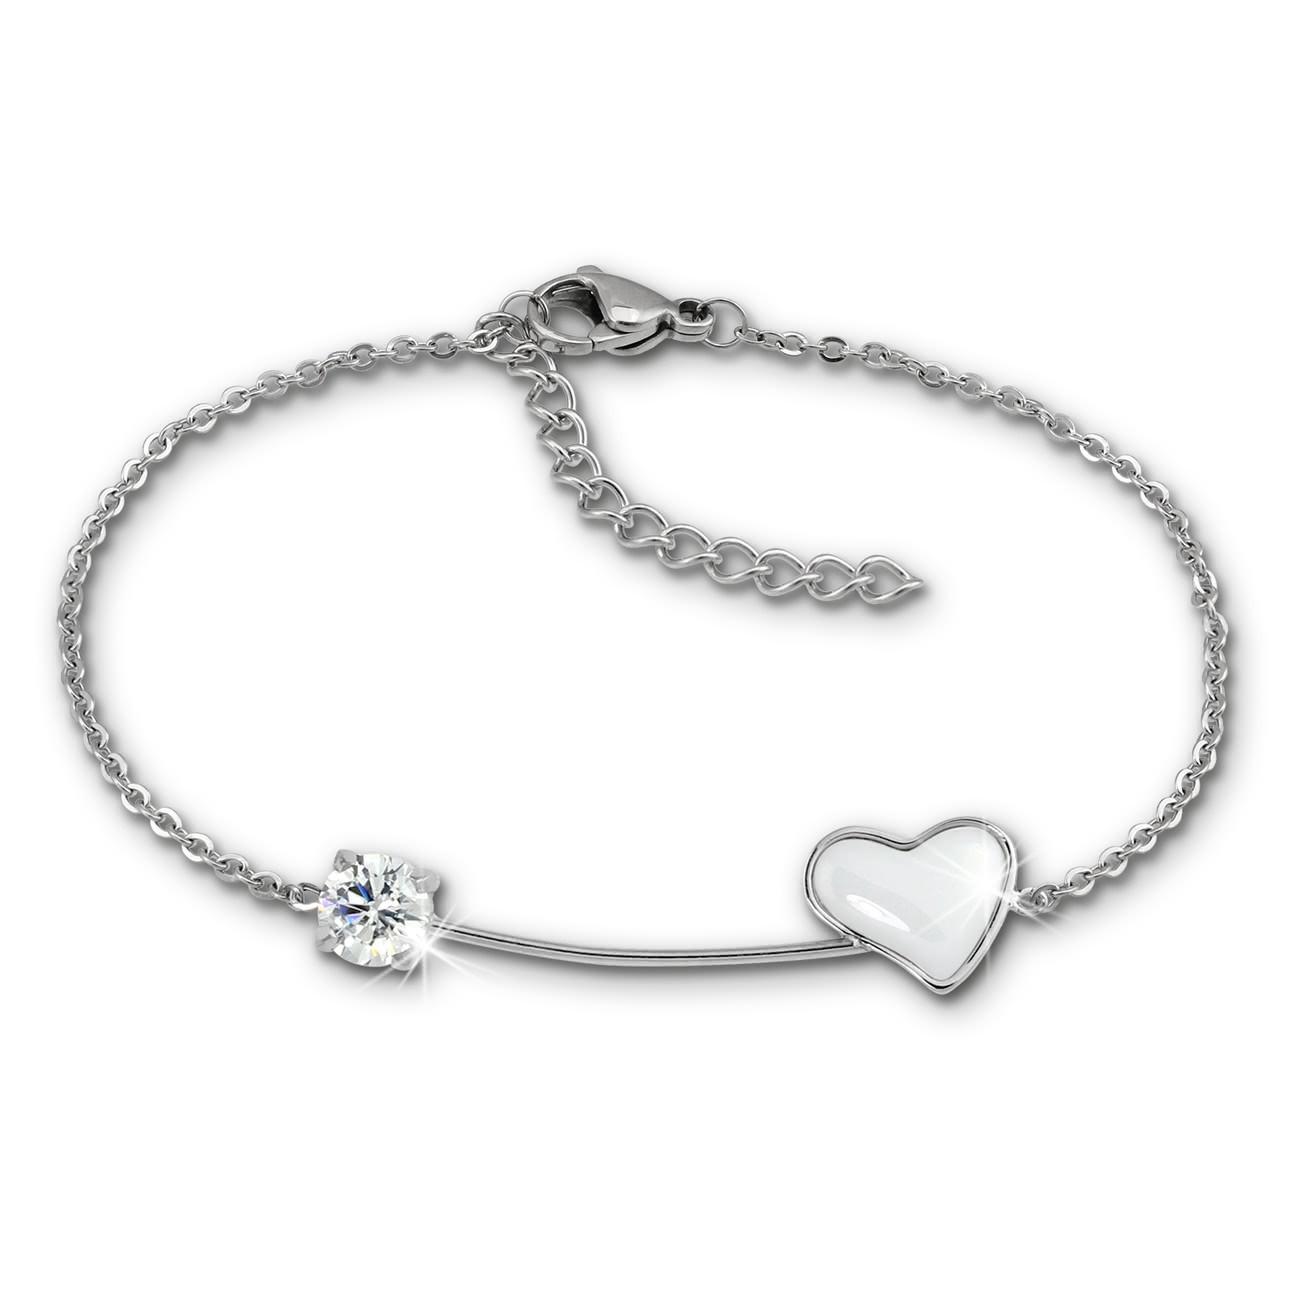 Amello Armband Keramik Herz Zirkonia weiß Damen Edelstahlschmuck ESAX40W8